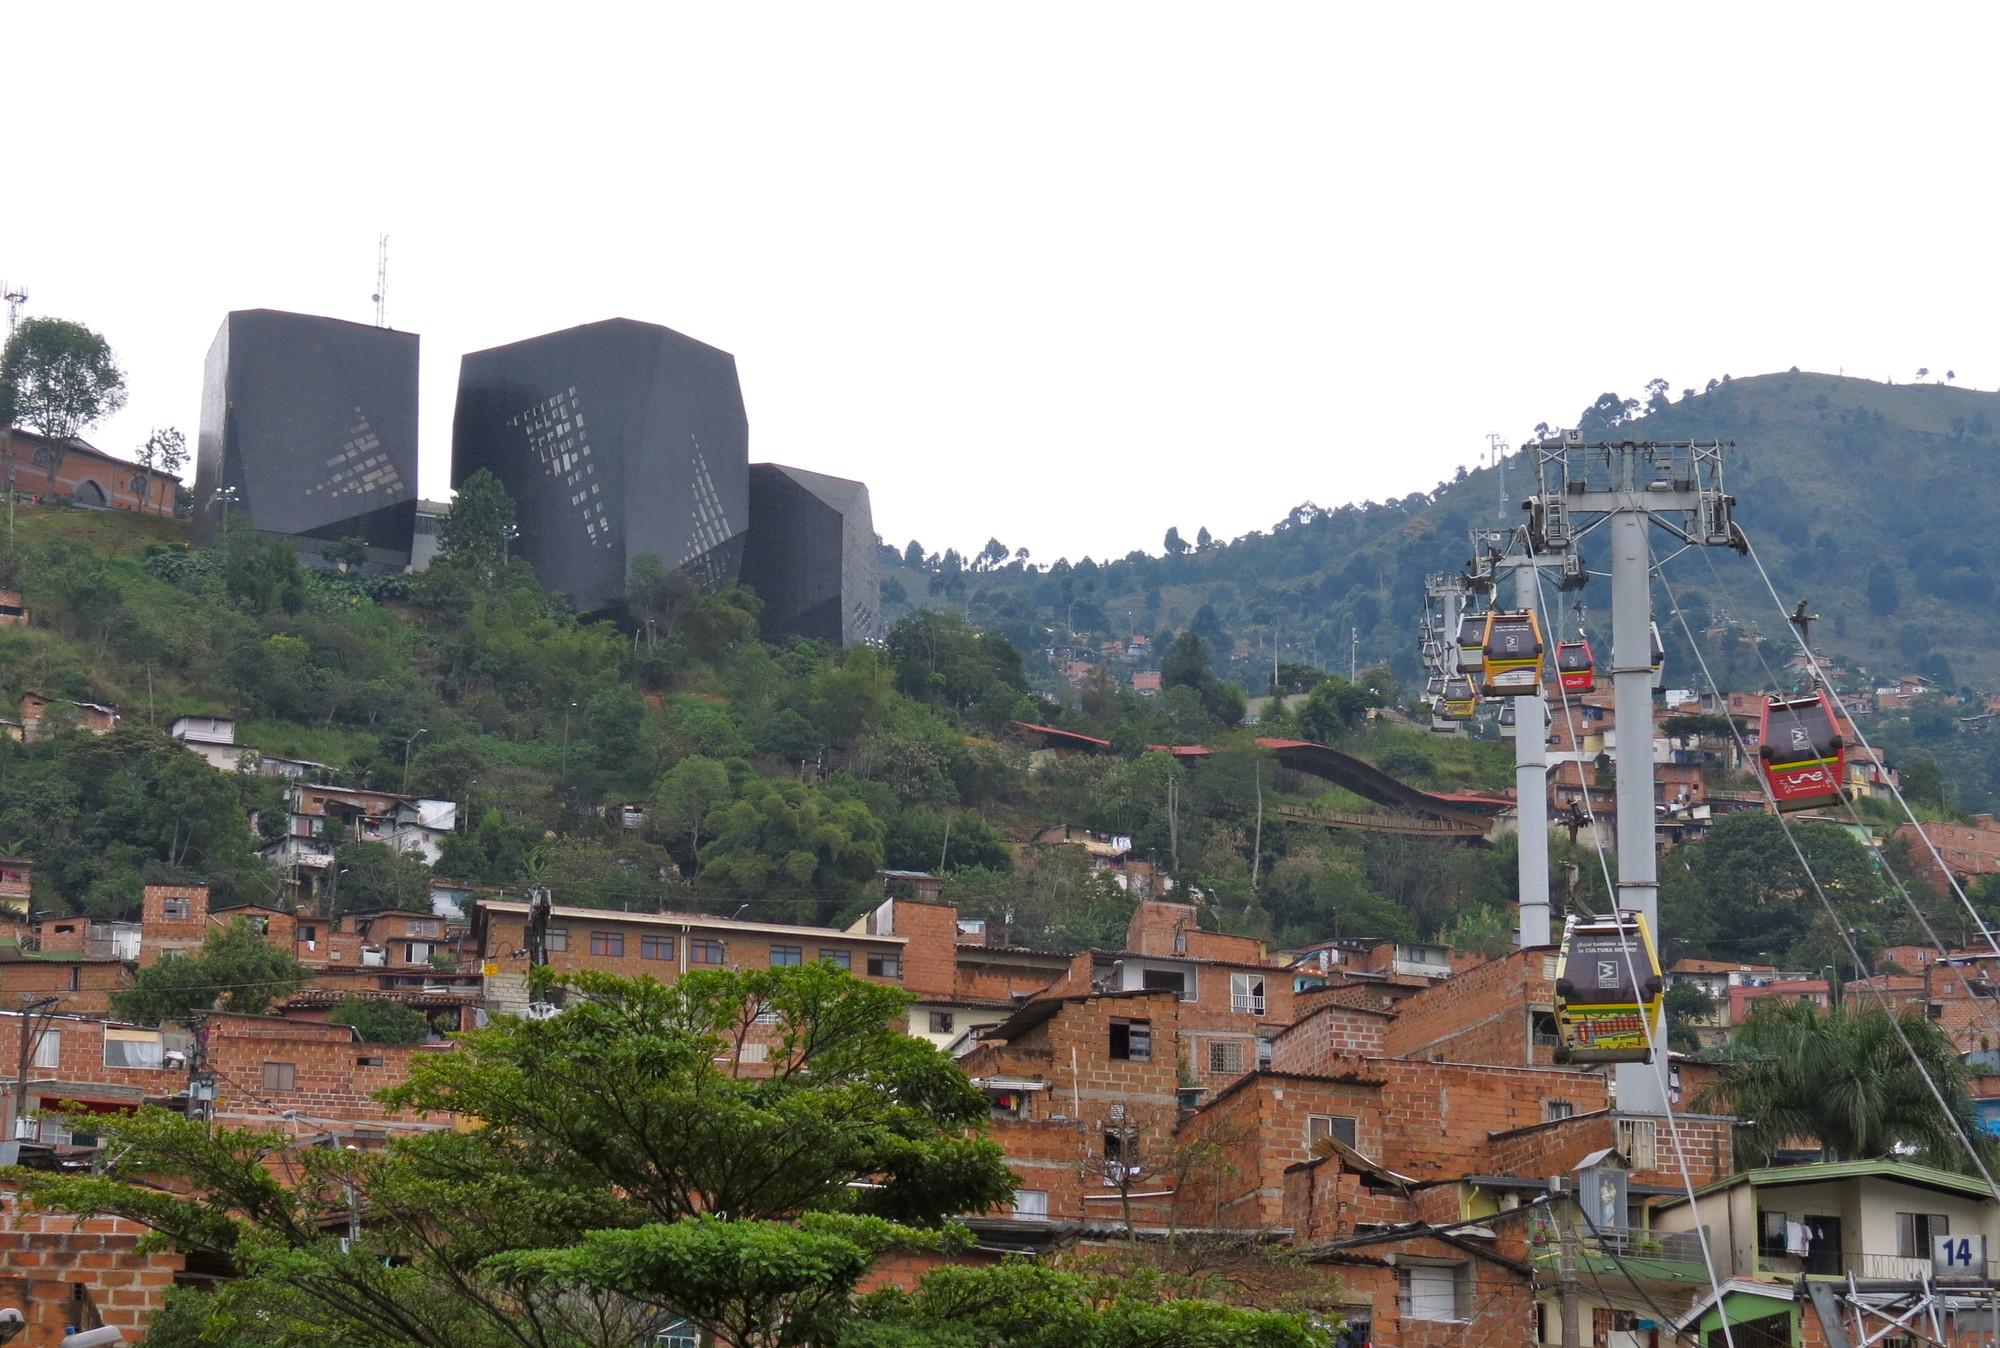 ¿Basta con buena arquitectura para construir mejores ciudades? El caso de Medellín., Courtesy of www.colombiavida.com